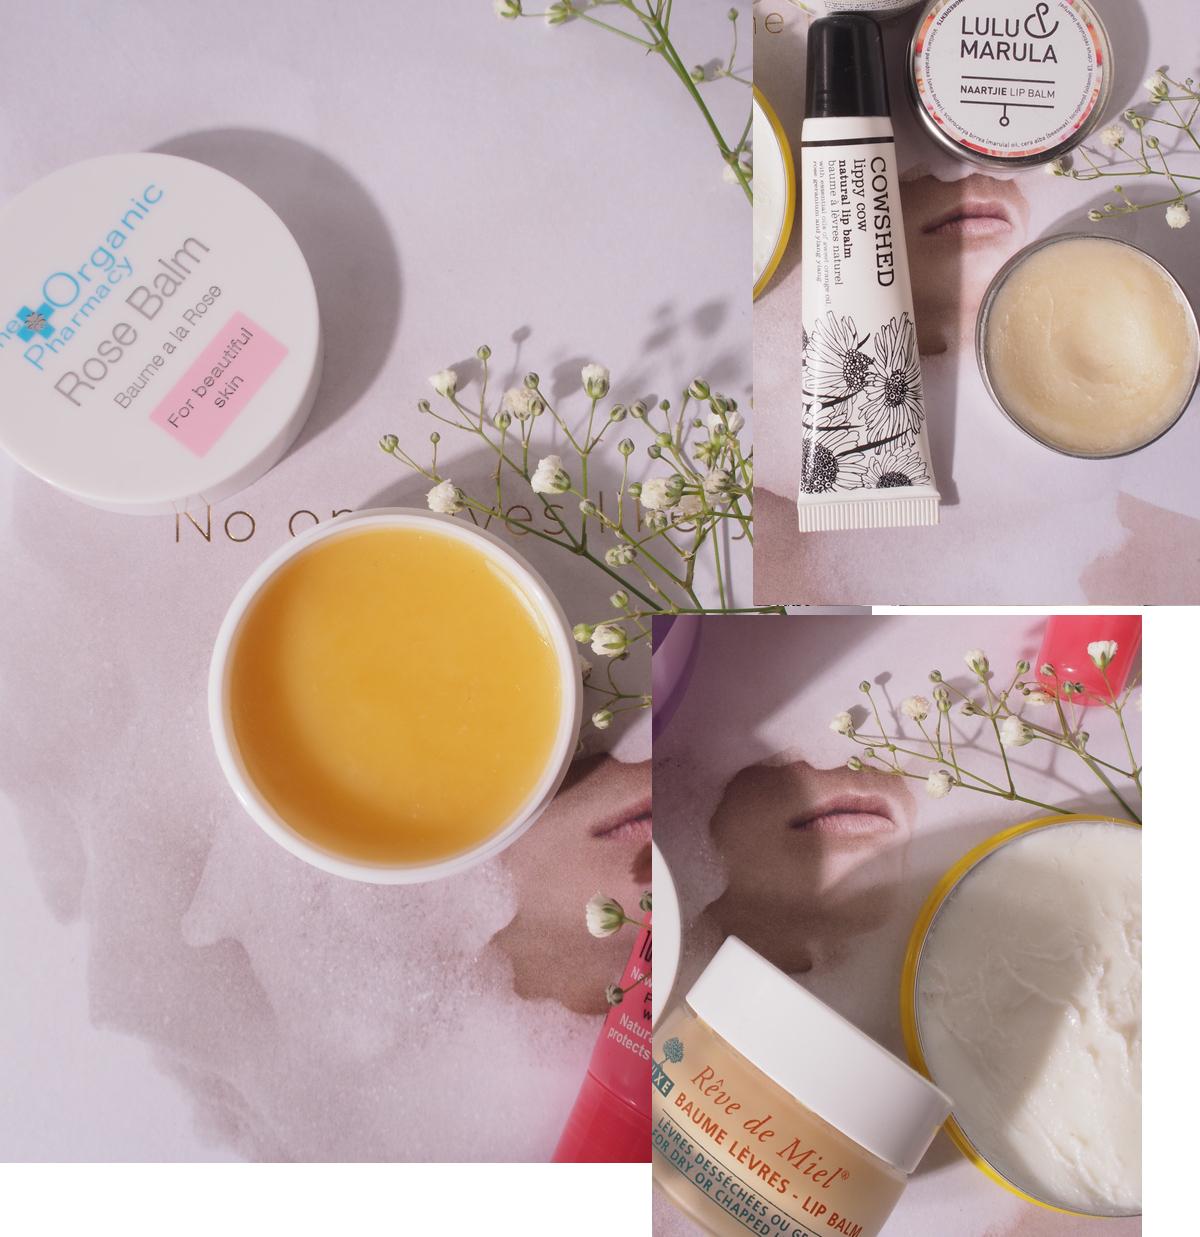 beautyblog-beauty-blog-bare-minds-Elina-Neumann Lipbalms Nuxe Rêve de Miel